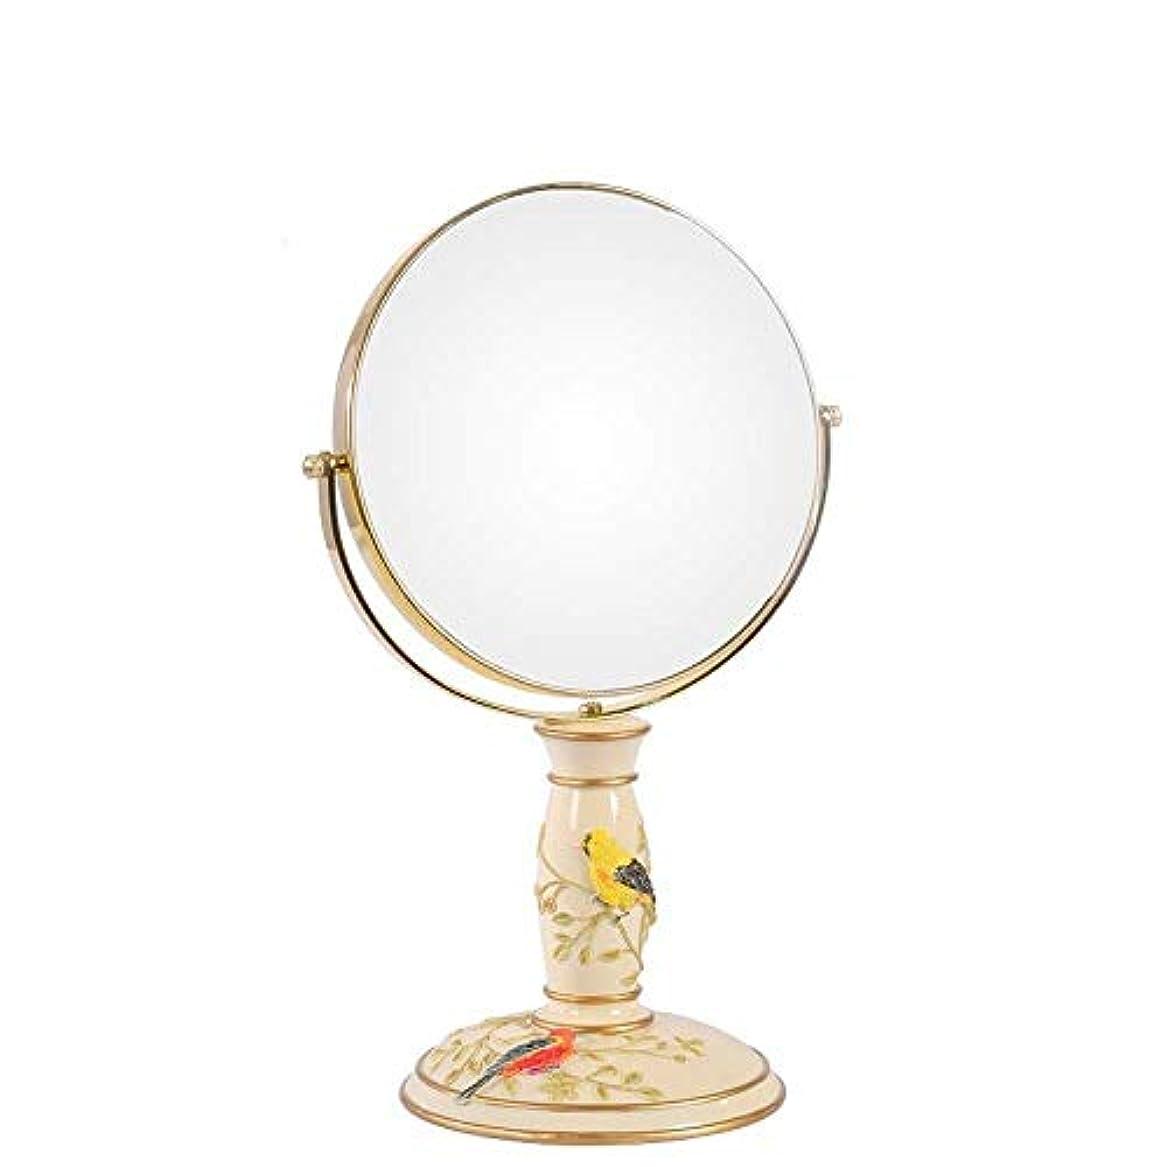 追加する車両言い直す流行の ビンテージ化粧鏡、鏡360°回転スタンド、倍率1倍、3倍、ラウンドダブル両面回転化粧鏡